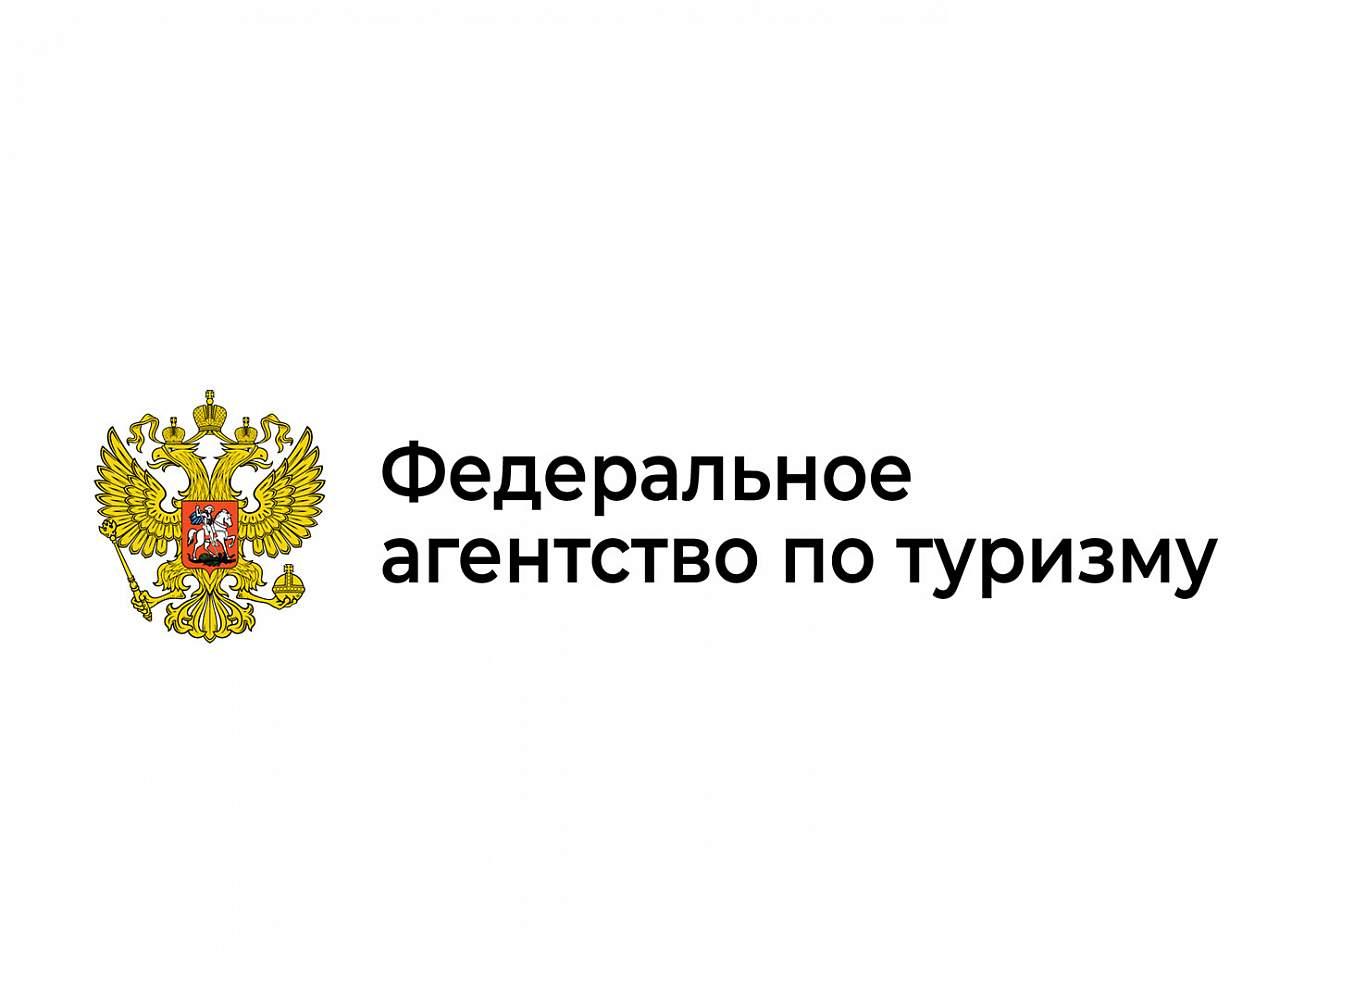 Ограничения отдыха на Кипре апрель-май 2021 года туристам россиянам: последние свежие новости на сегодня